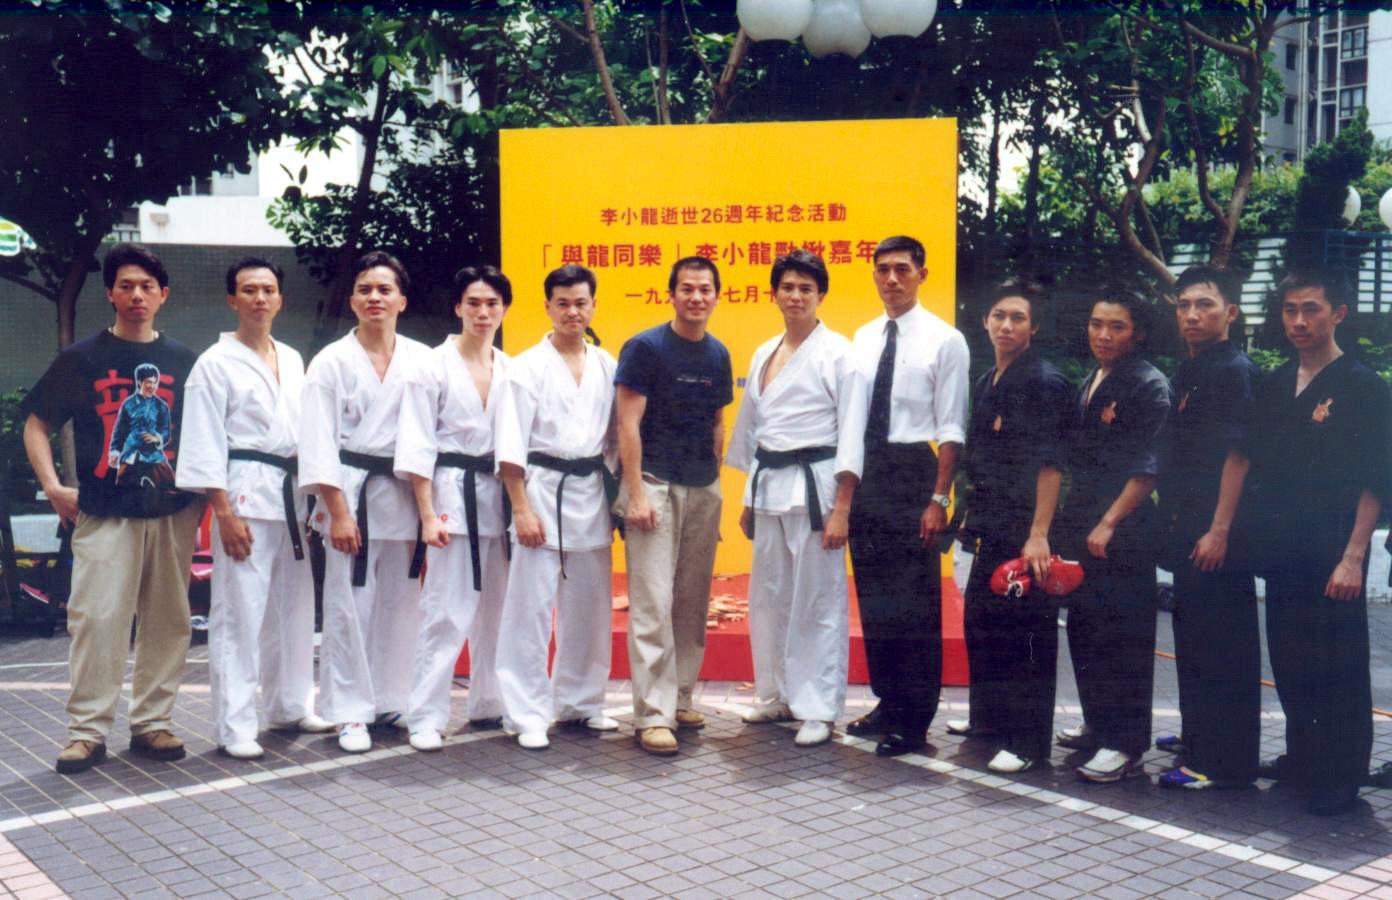 李小龙逝世26周年纪念活动